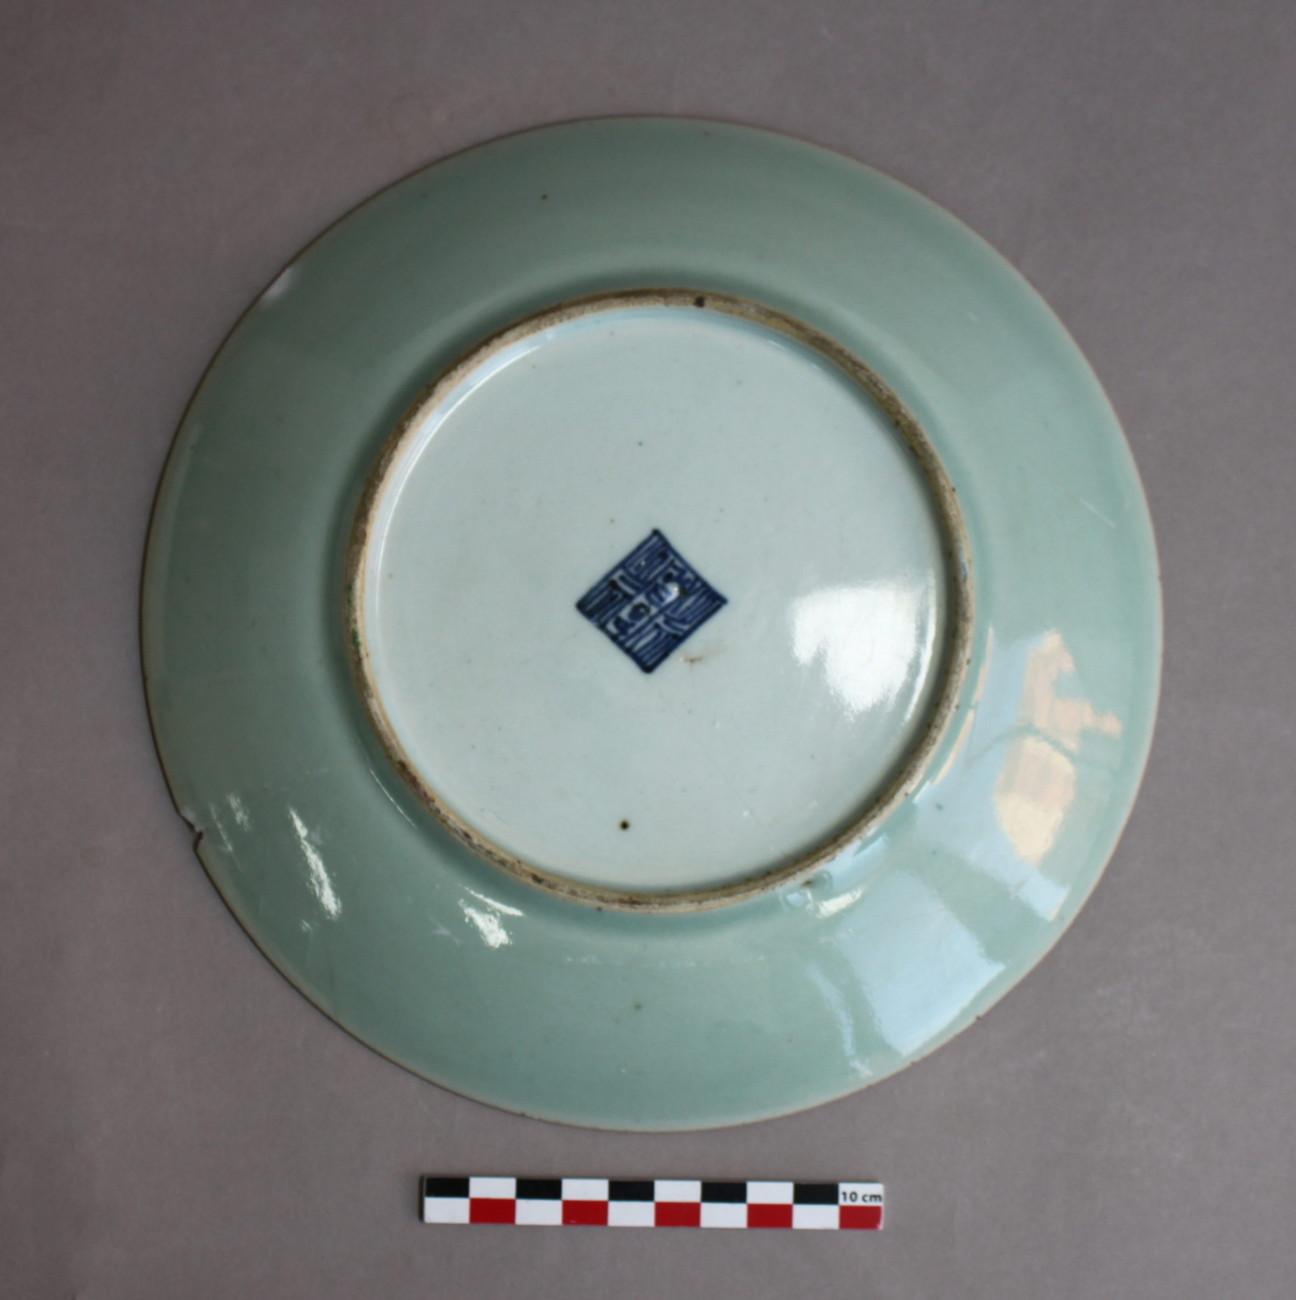 Restauration d'une assiette en porcelaine de Chine, 19ème (?), famille rose